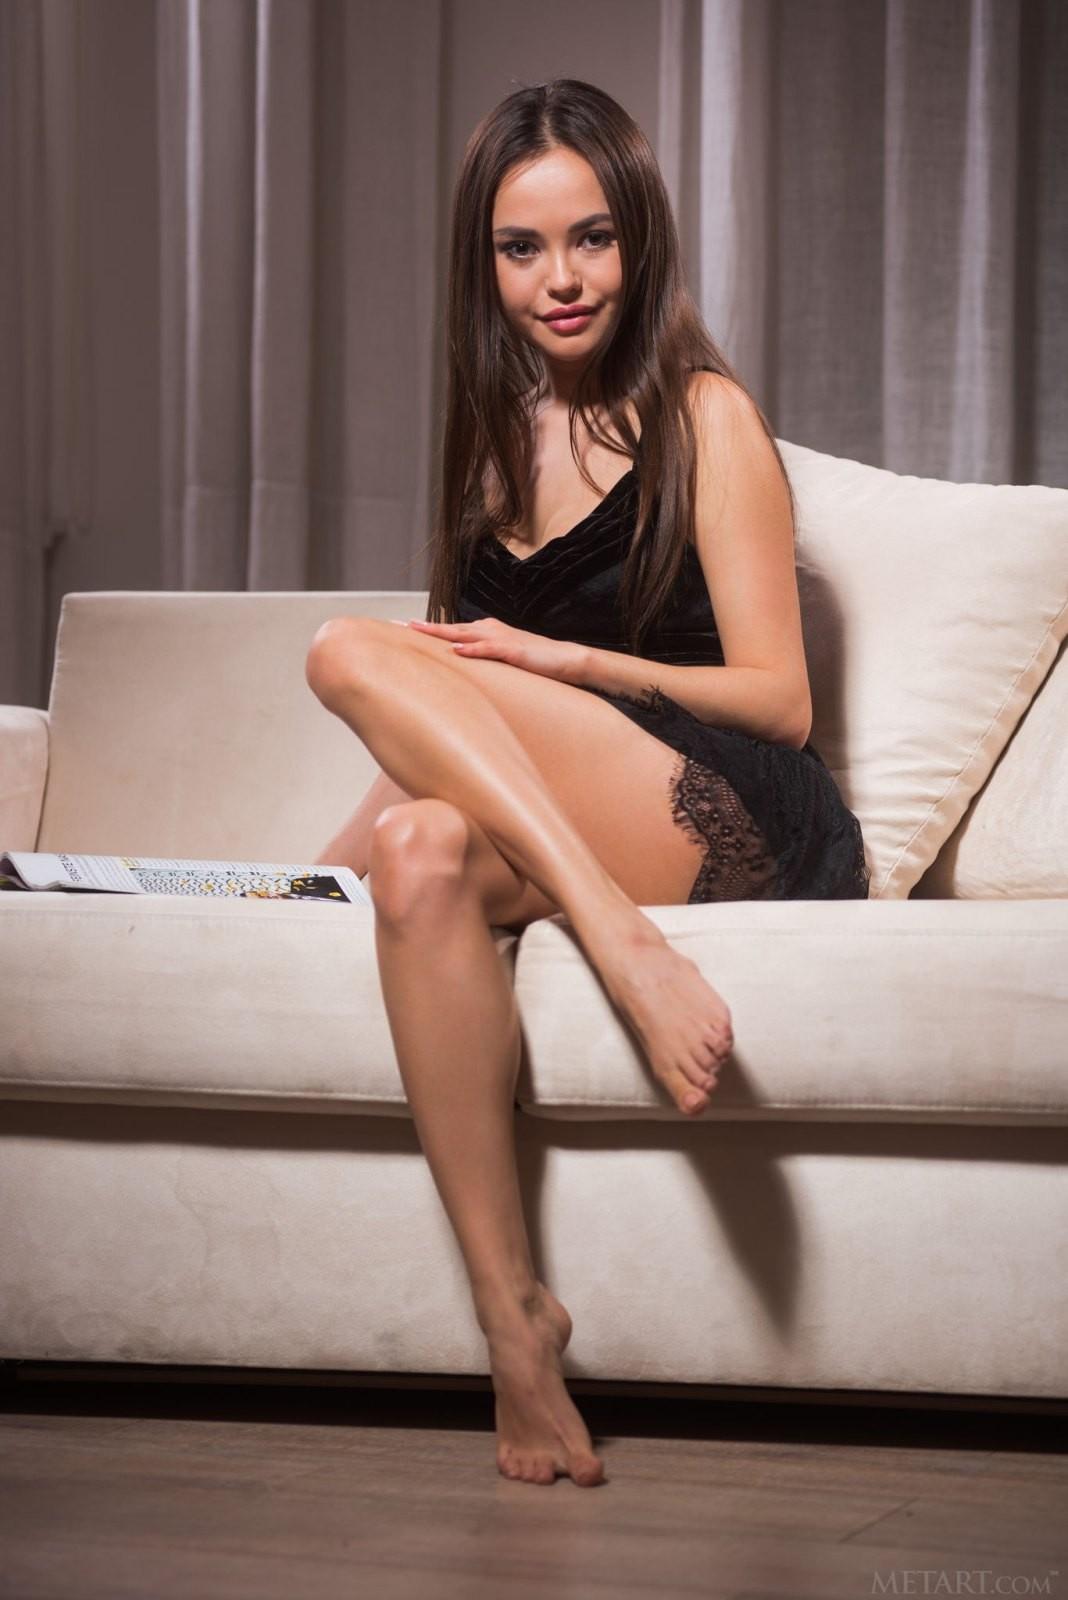 В платье без трусиков на диване - фото